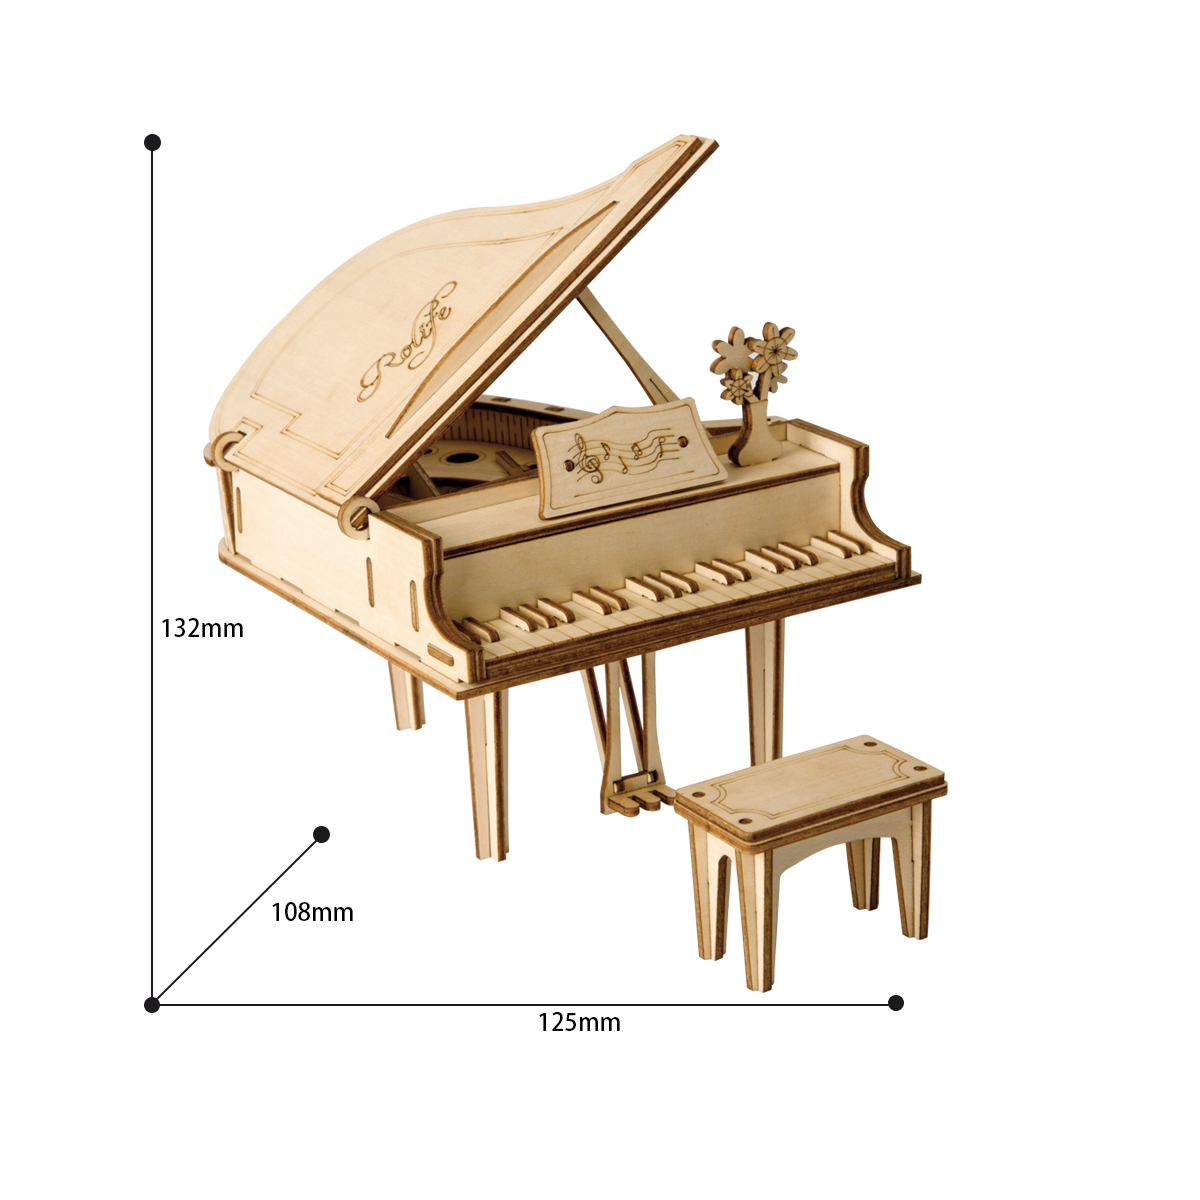 Grand Piano TG402